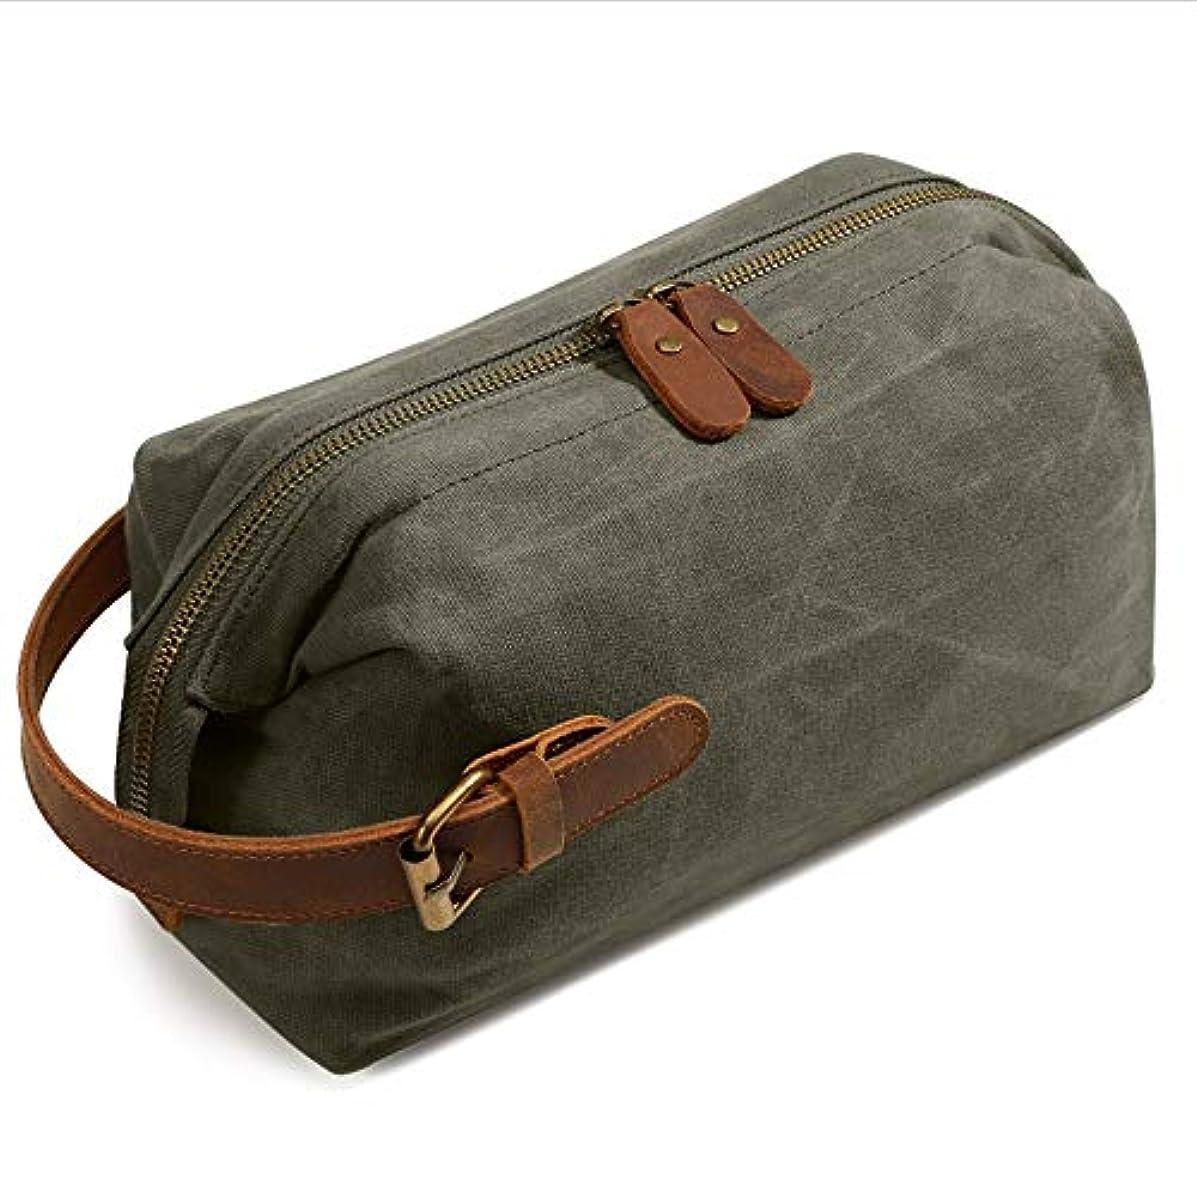 電信補足なに化粧オーガナイザーバッグ ポータブル防水化粧品袋トップジッパーメークアップケーストラベルグリーン 化粧品ケース (色 : 緑)